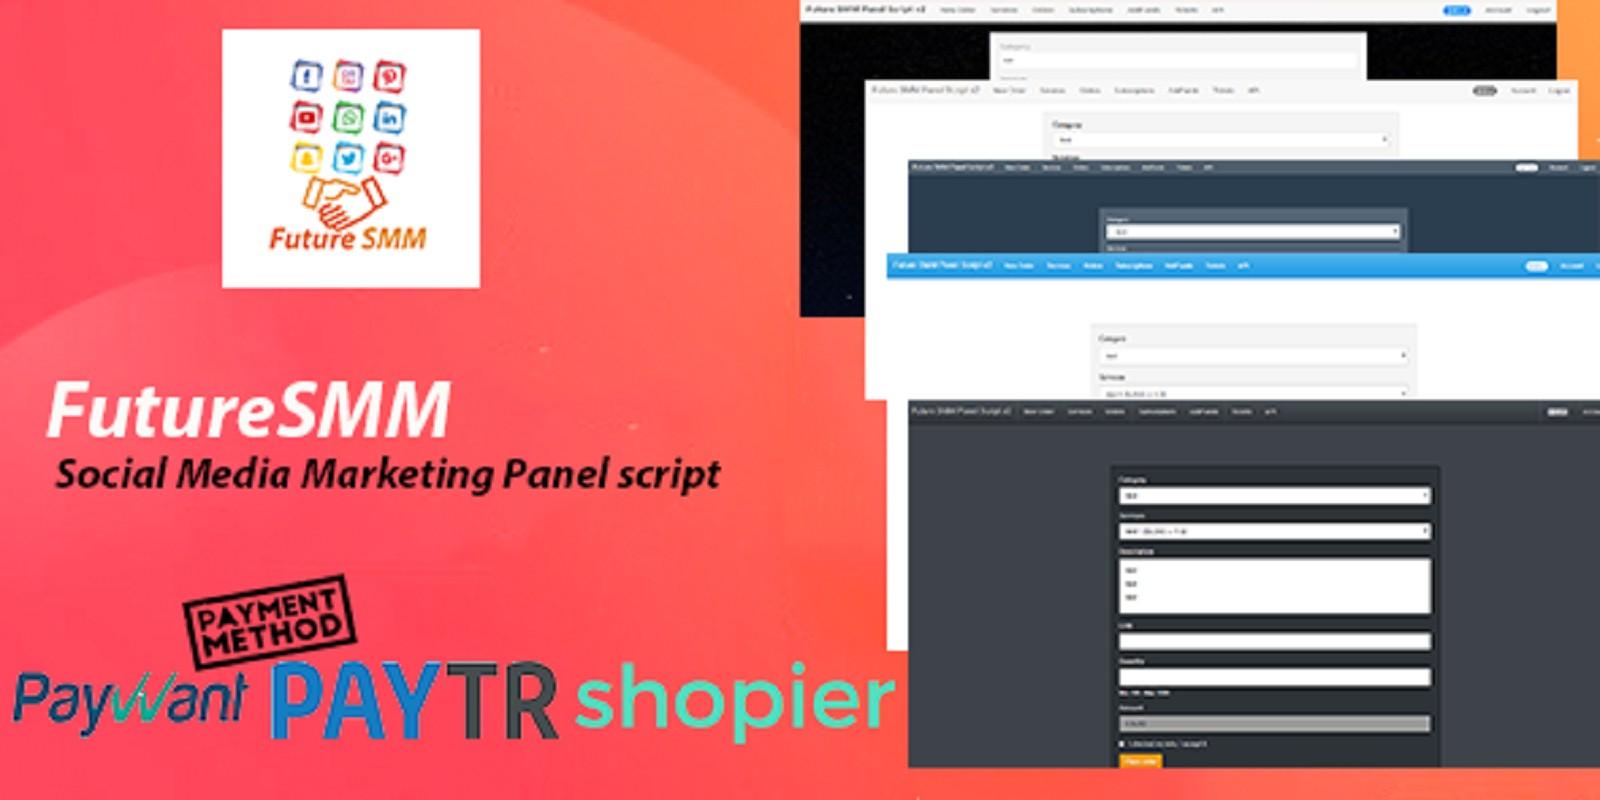 FutureSMM – Social Media Marketing Panel script